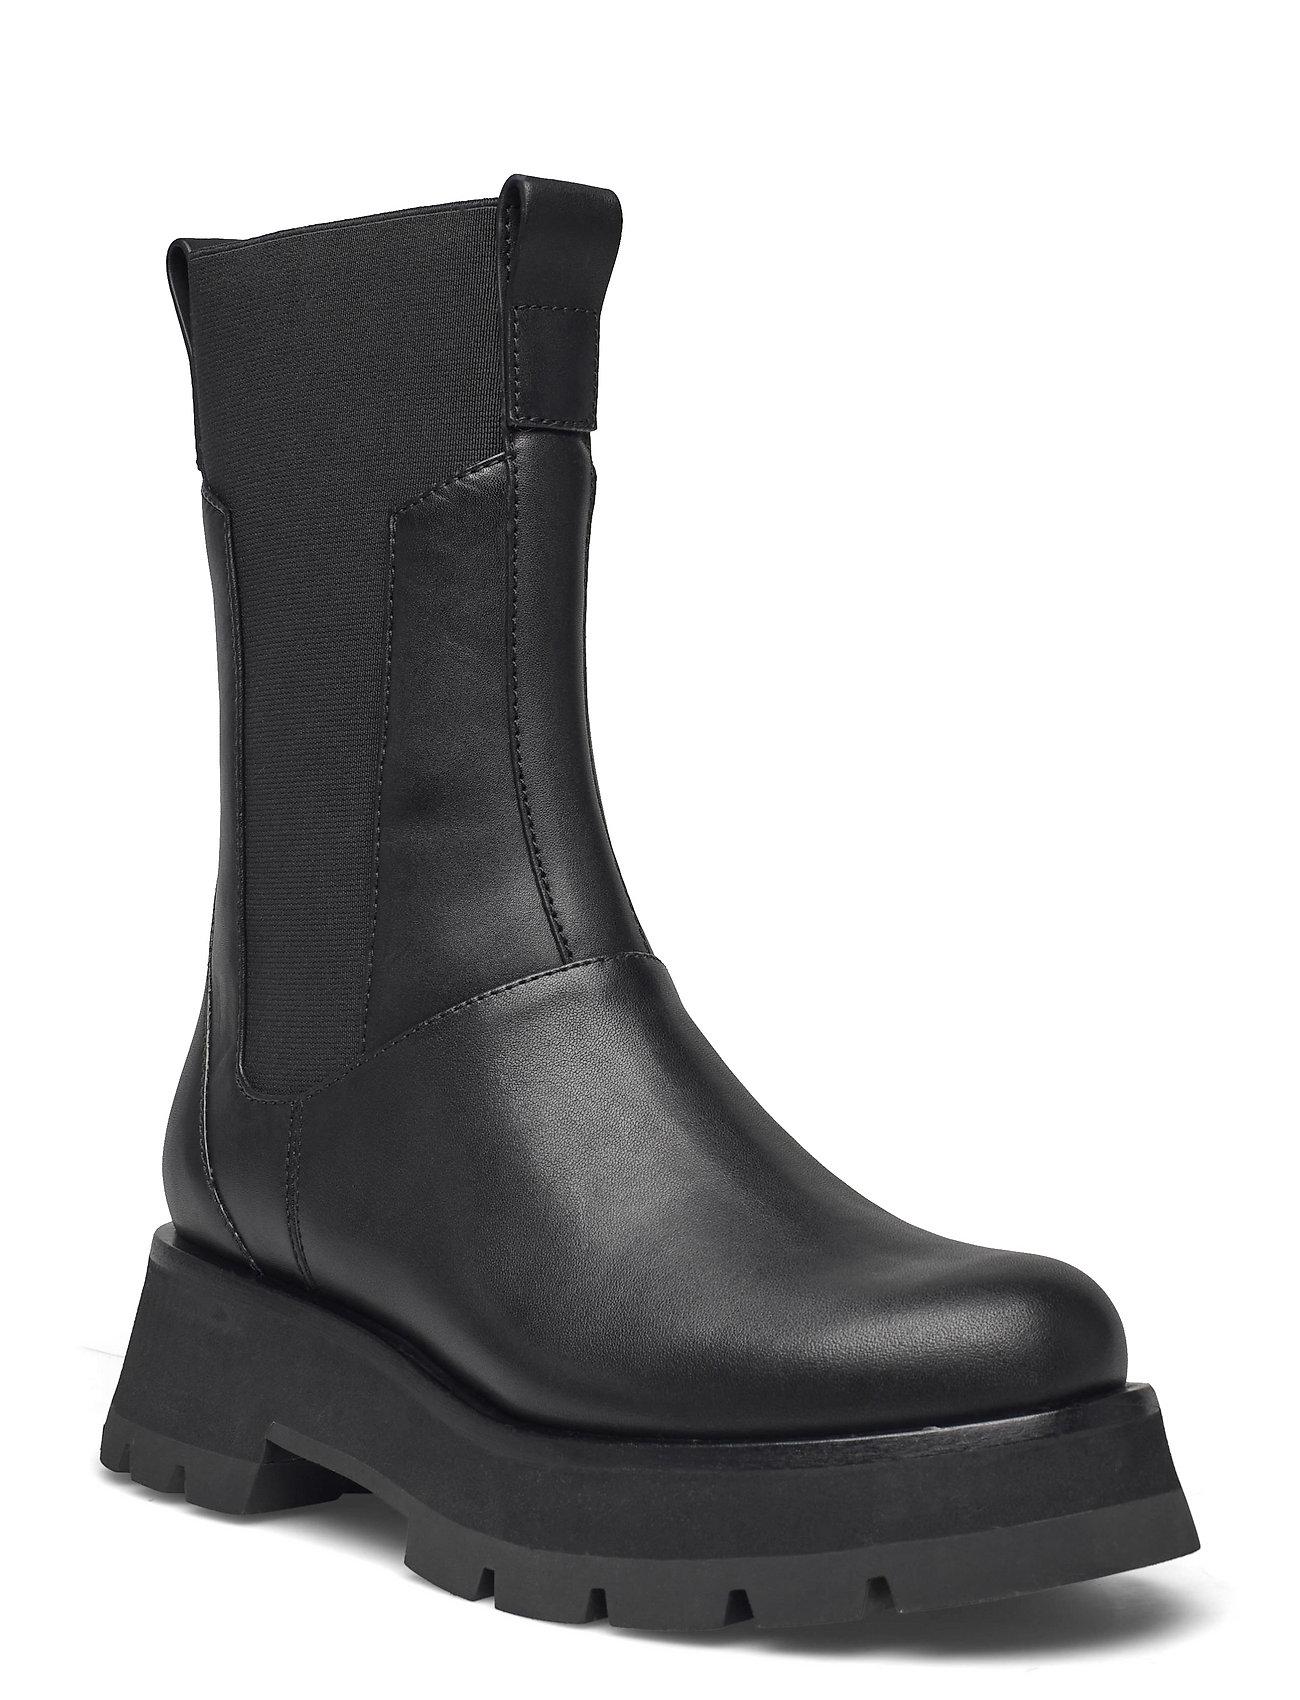 Ssf0-T748sen / Kate - Lug Sole Combat Boot Shoes Chelsea Boots Sort 3.1 Phillip Lim